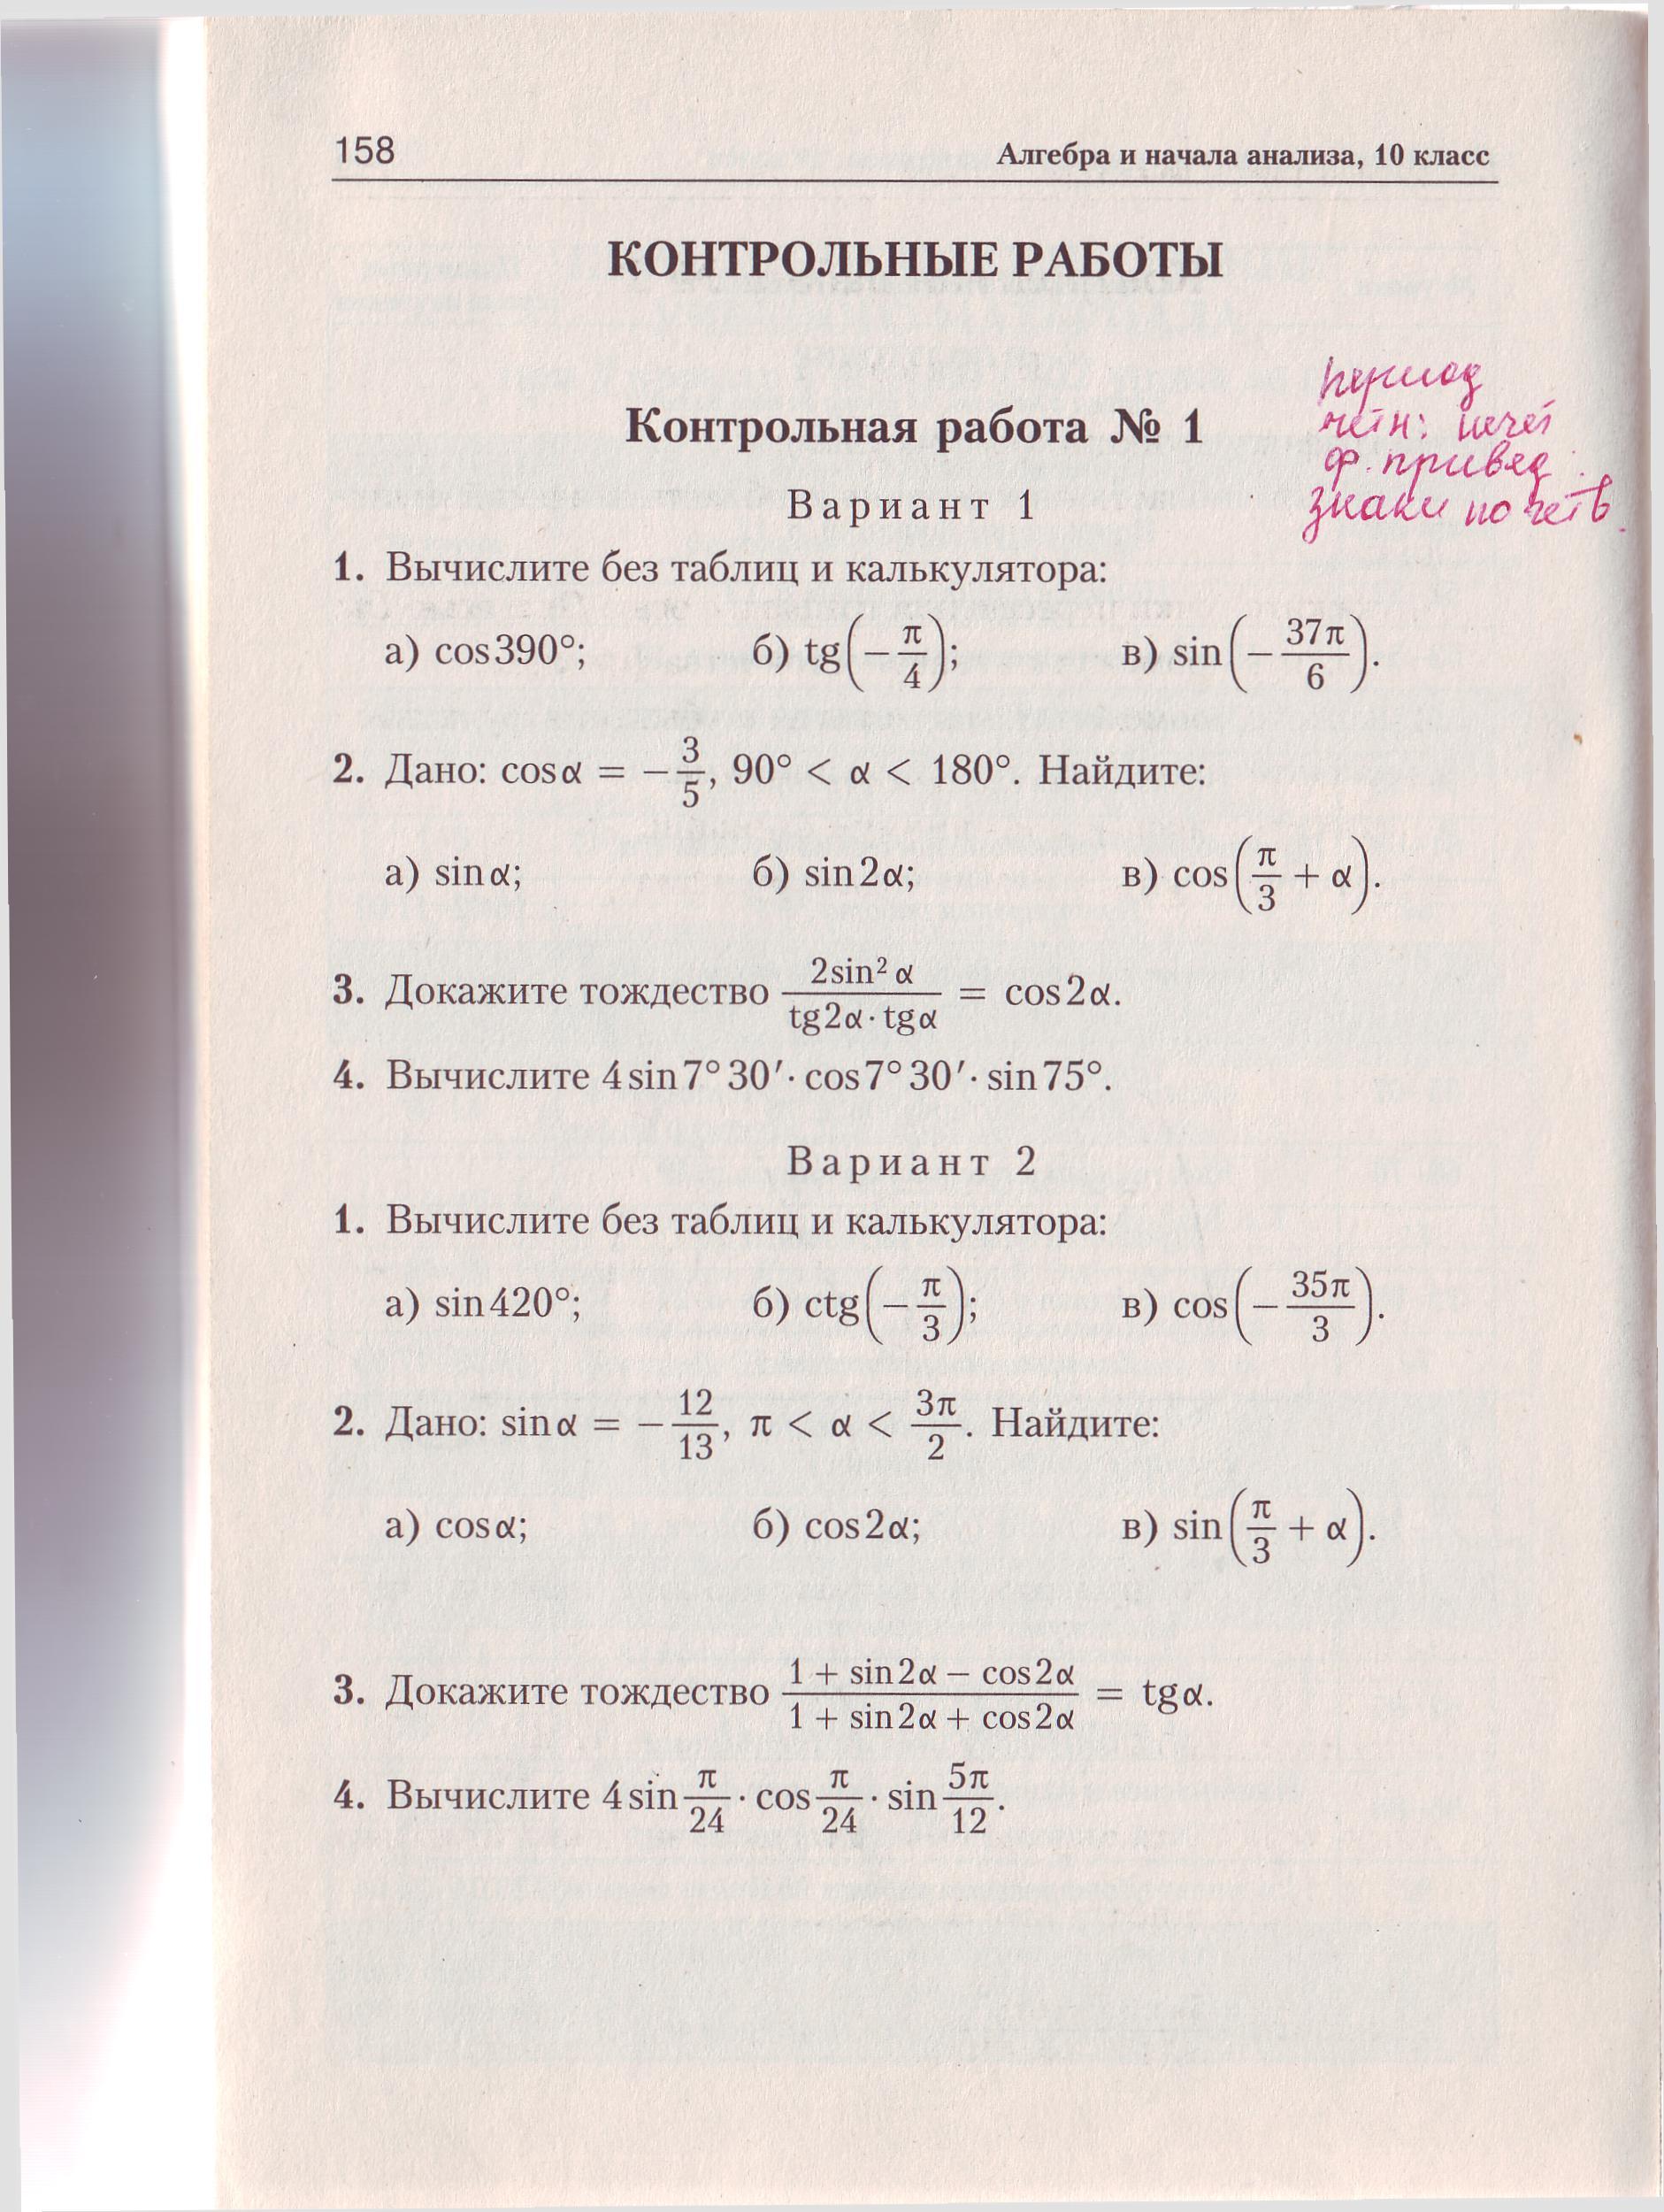 Контрольная работа по алгебре никольский 10 класс 1 полугодие